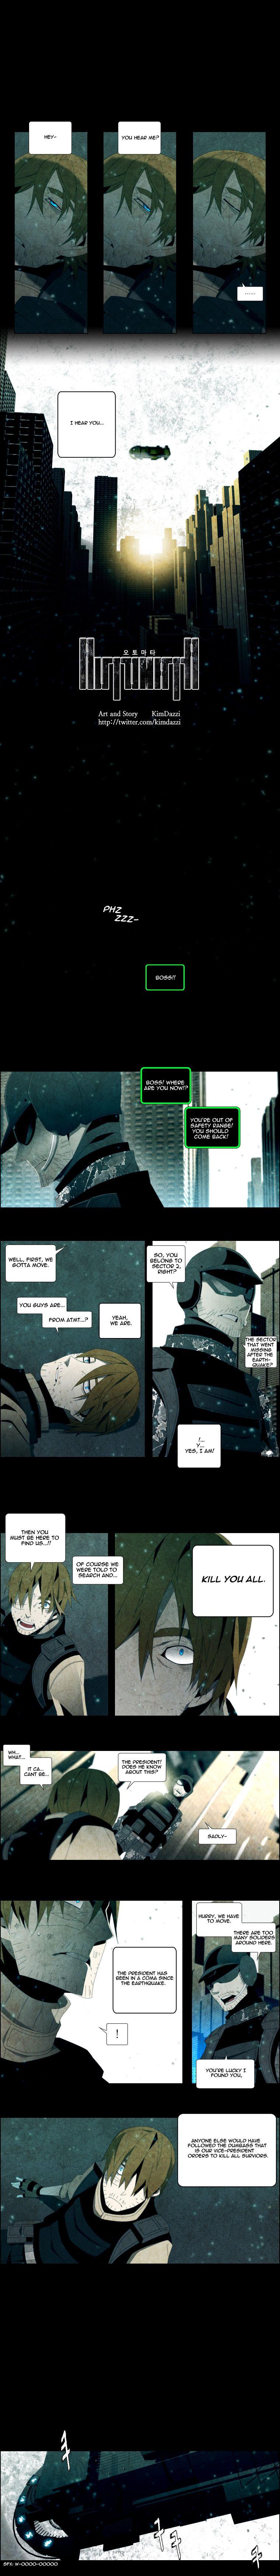 Automata 7 Page 2